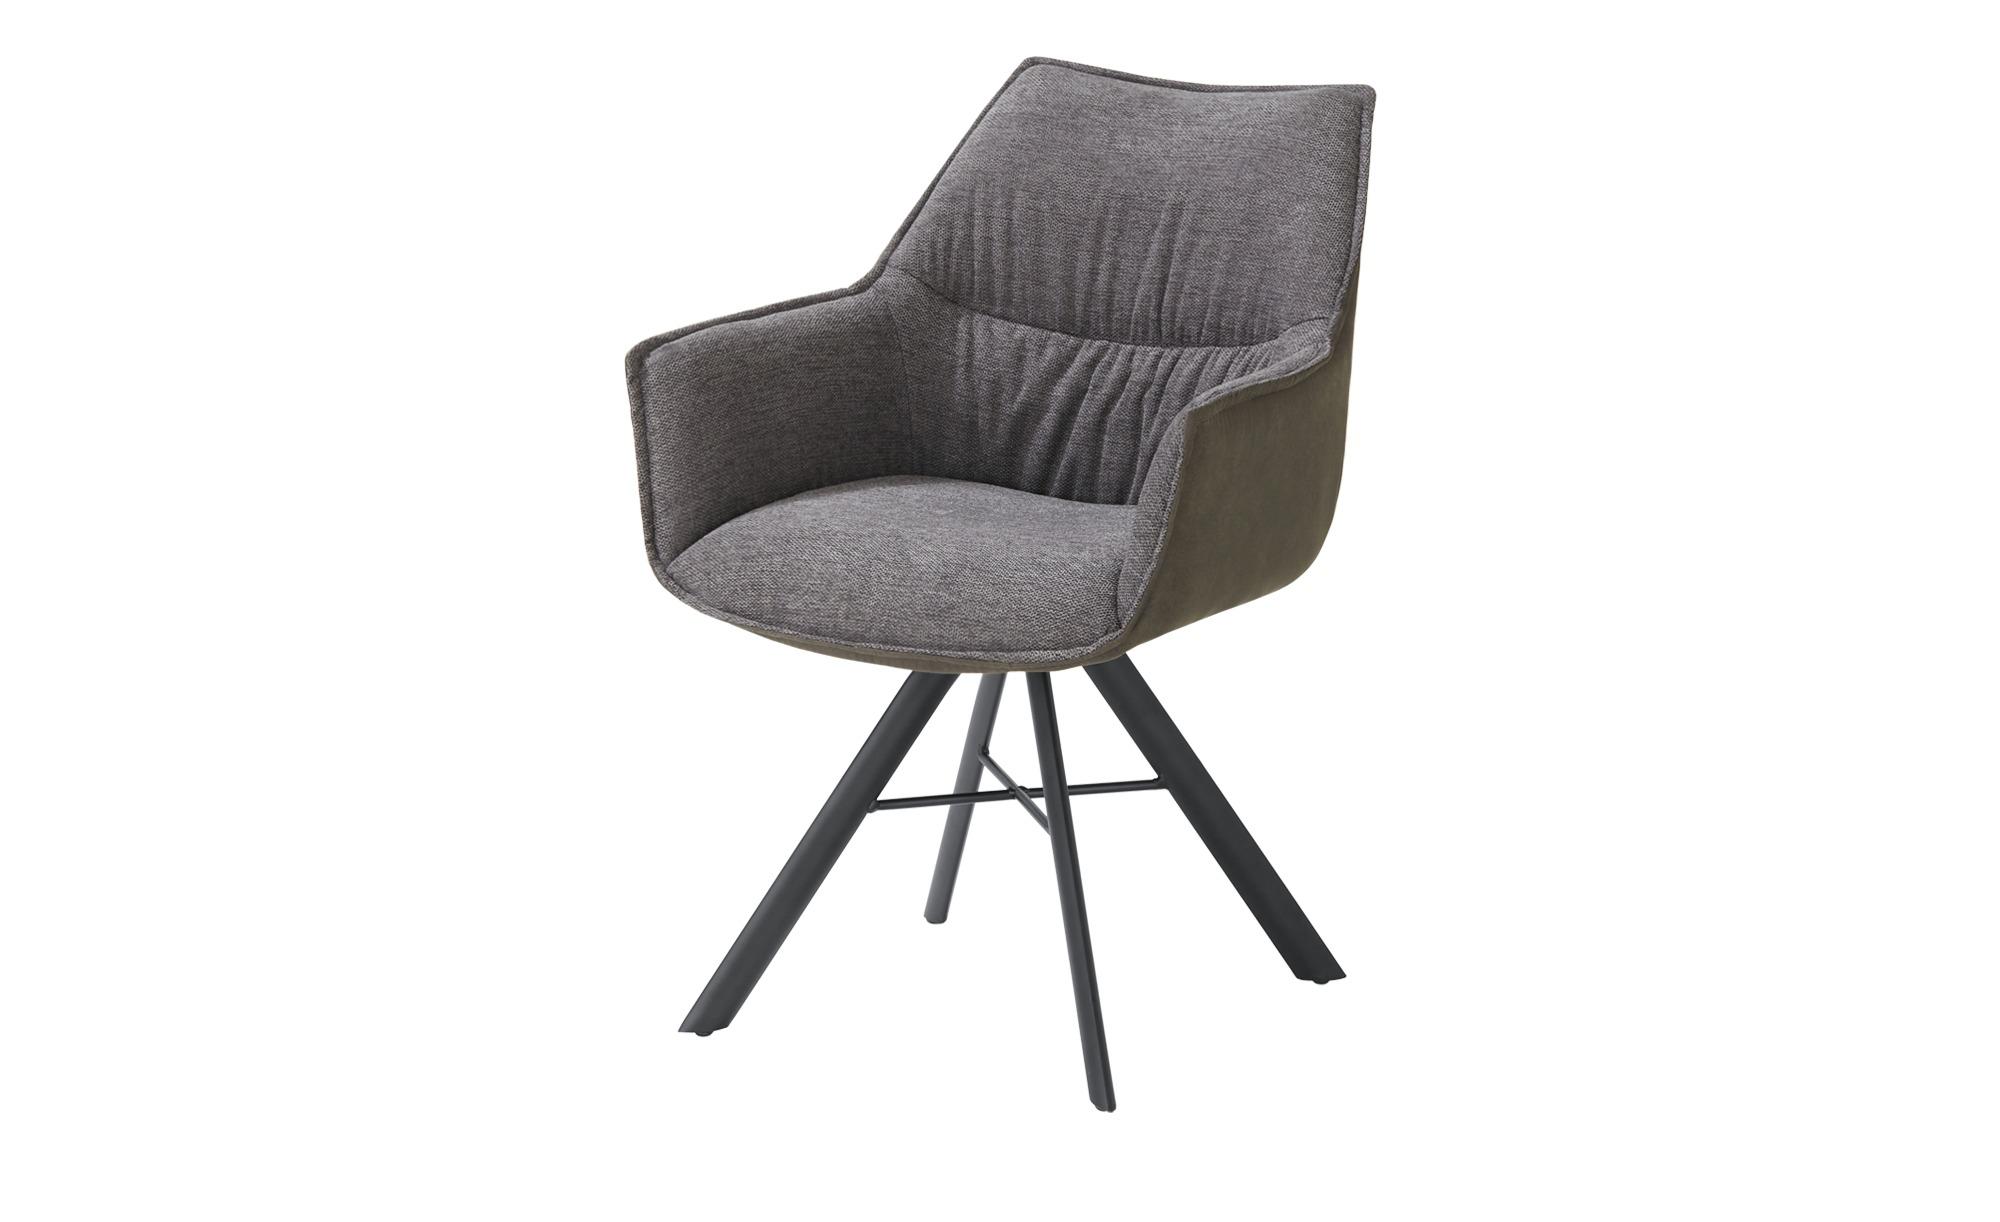 uno Armlehn-Polsterstuhl drehbar  Jonny ¦ grau Stühle > Esszimmerstühle > Esszimmerstühle mit Armlehnen - Höffner